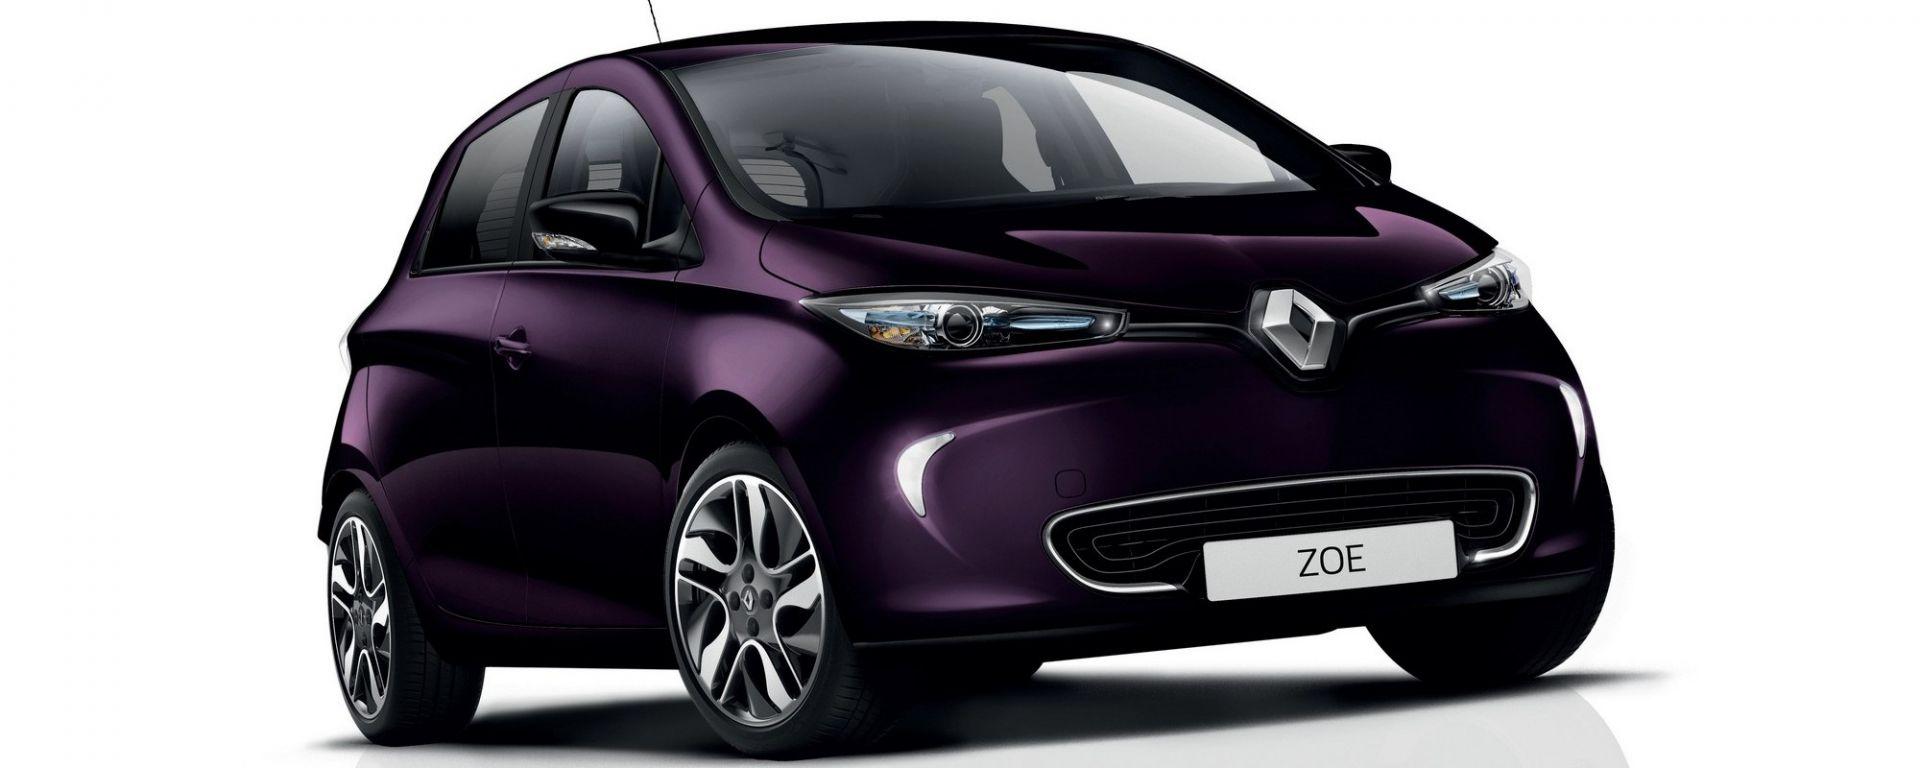 Auto elettrica: produzione batterie insostenibile. PSA dixit